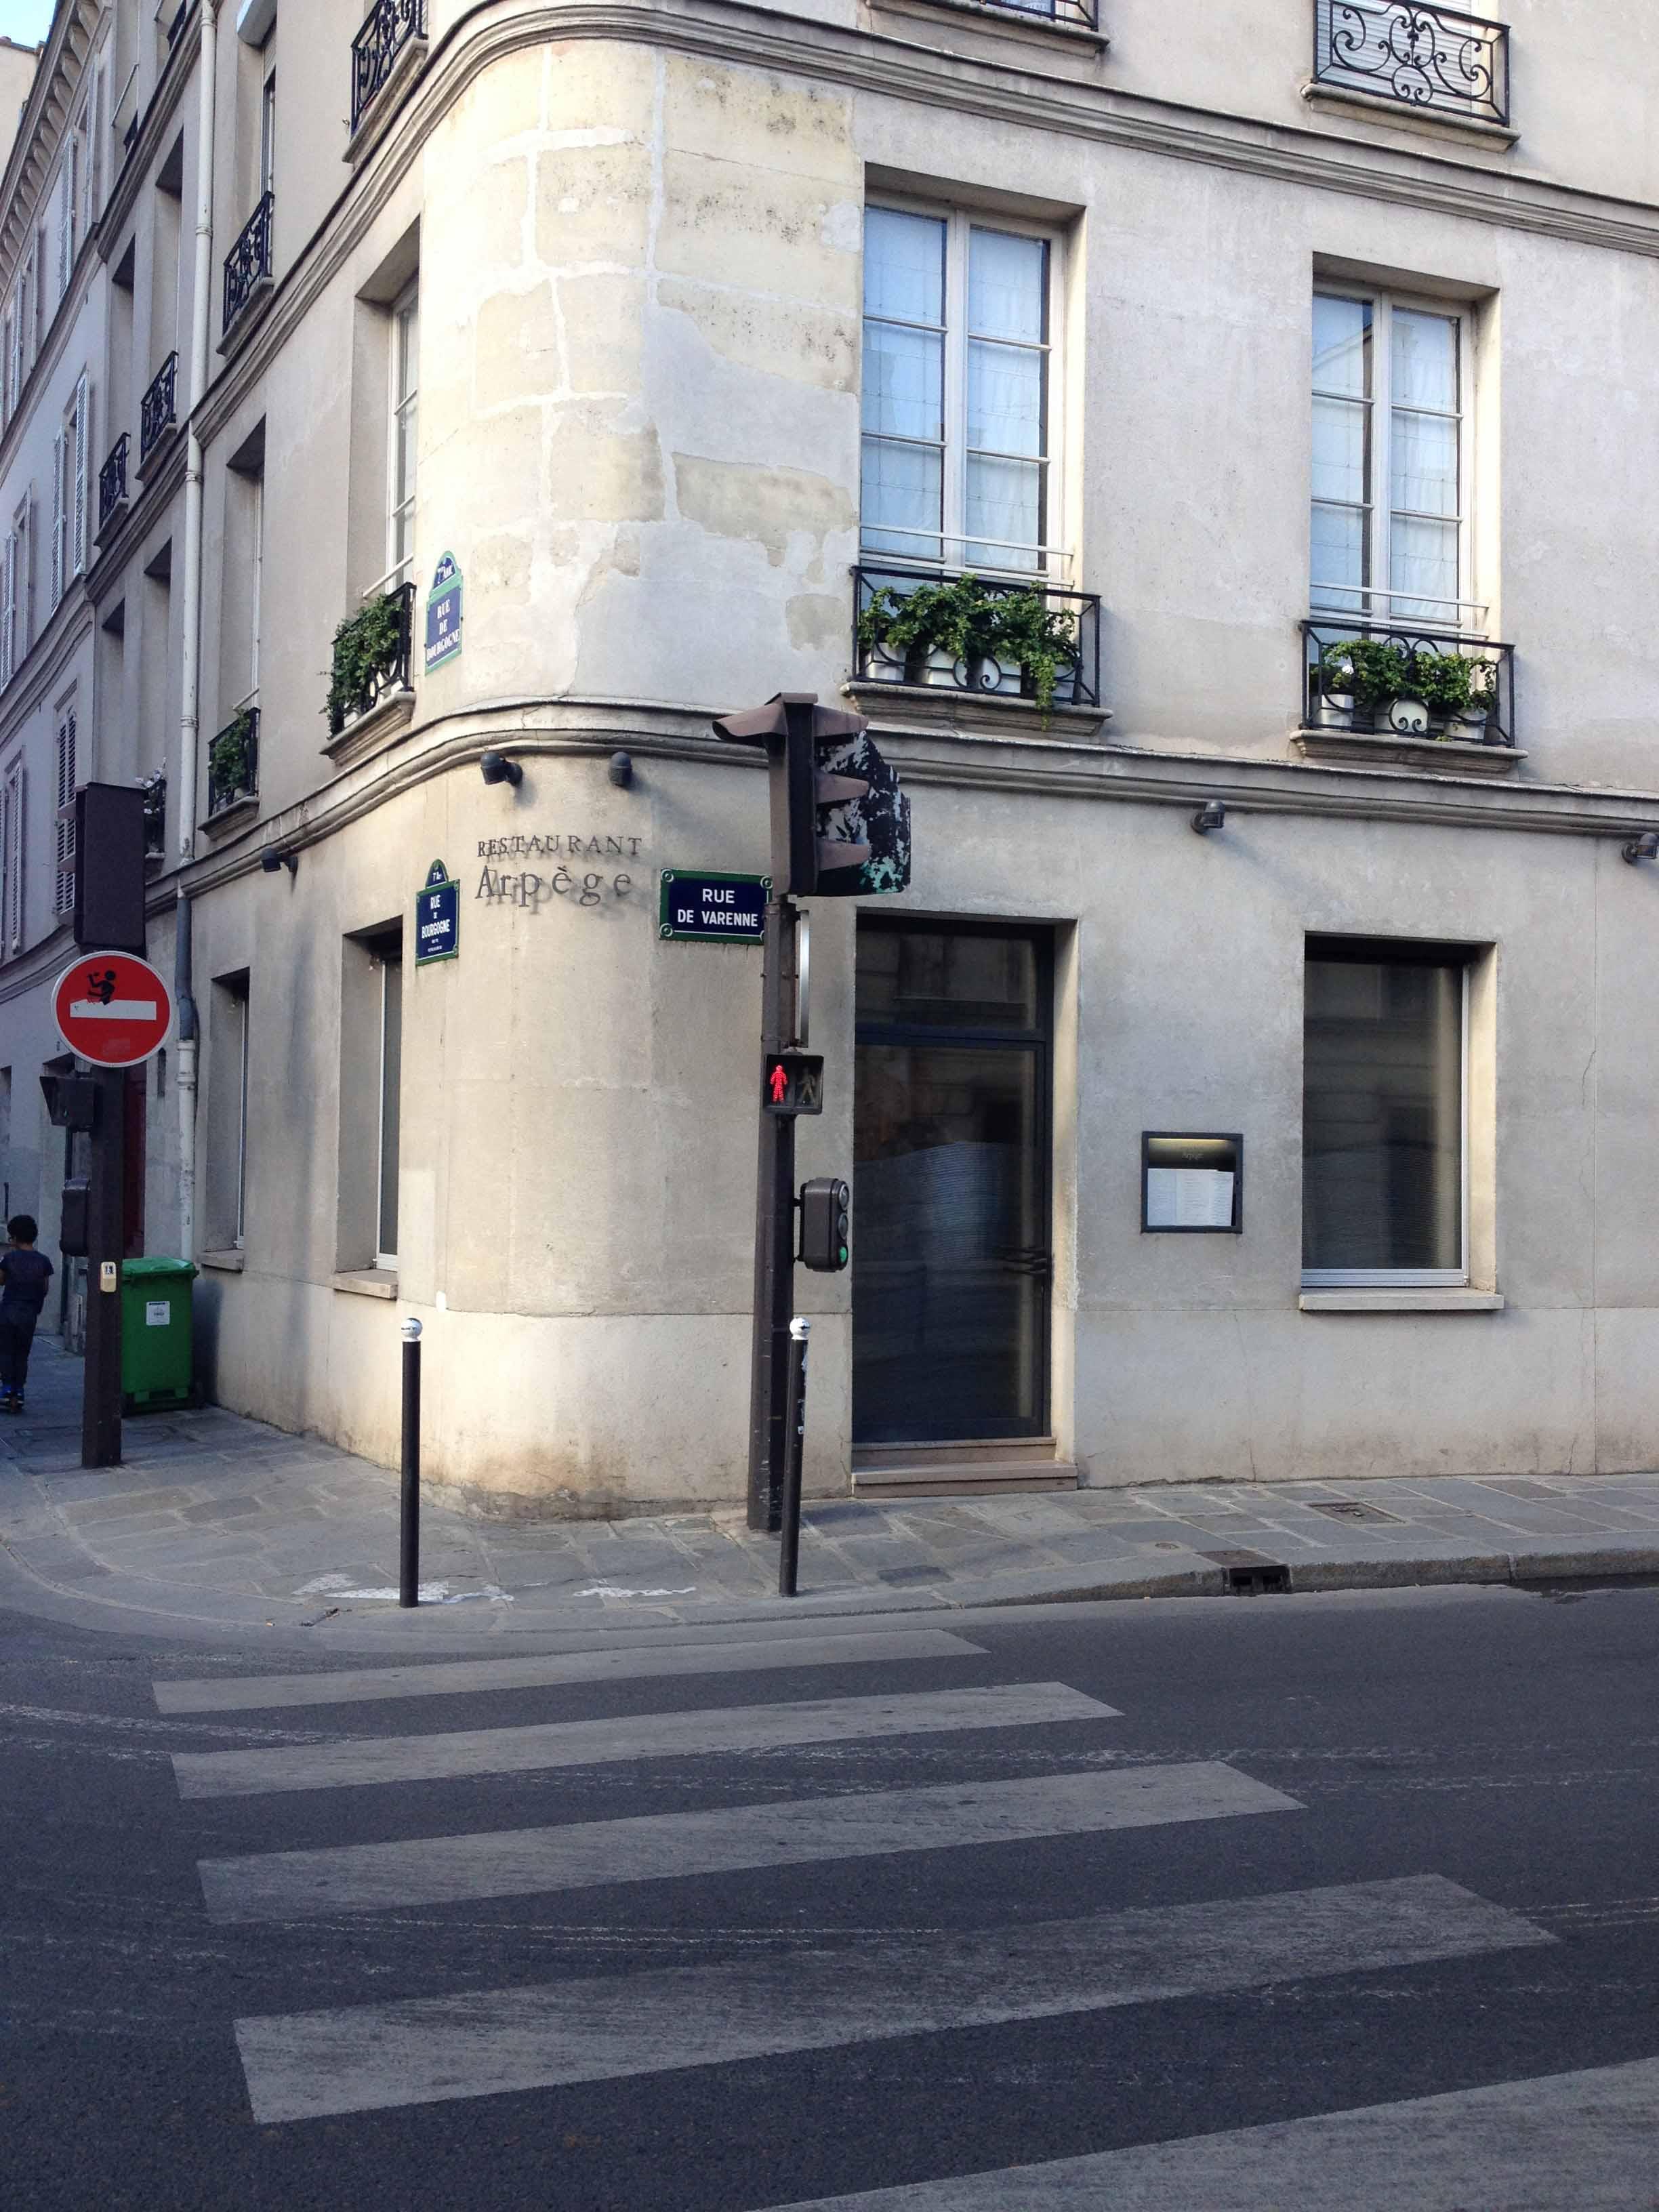 L Arpege Paris Alain Passard S Approachable French